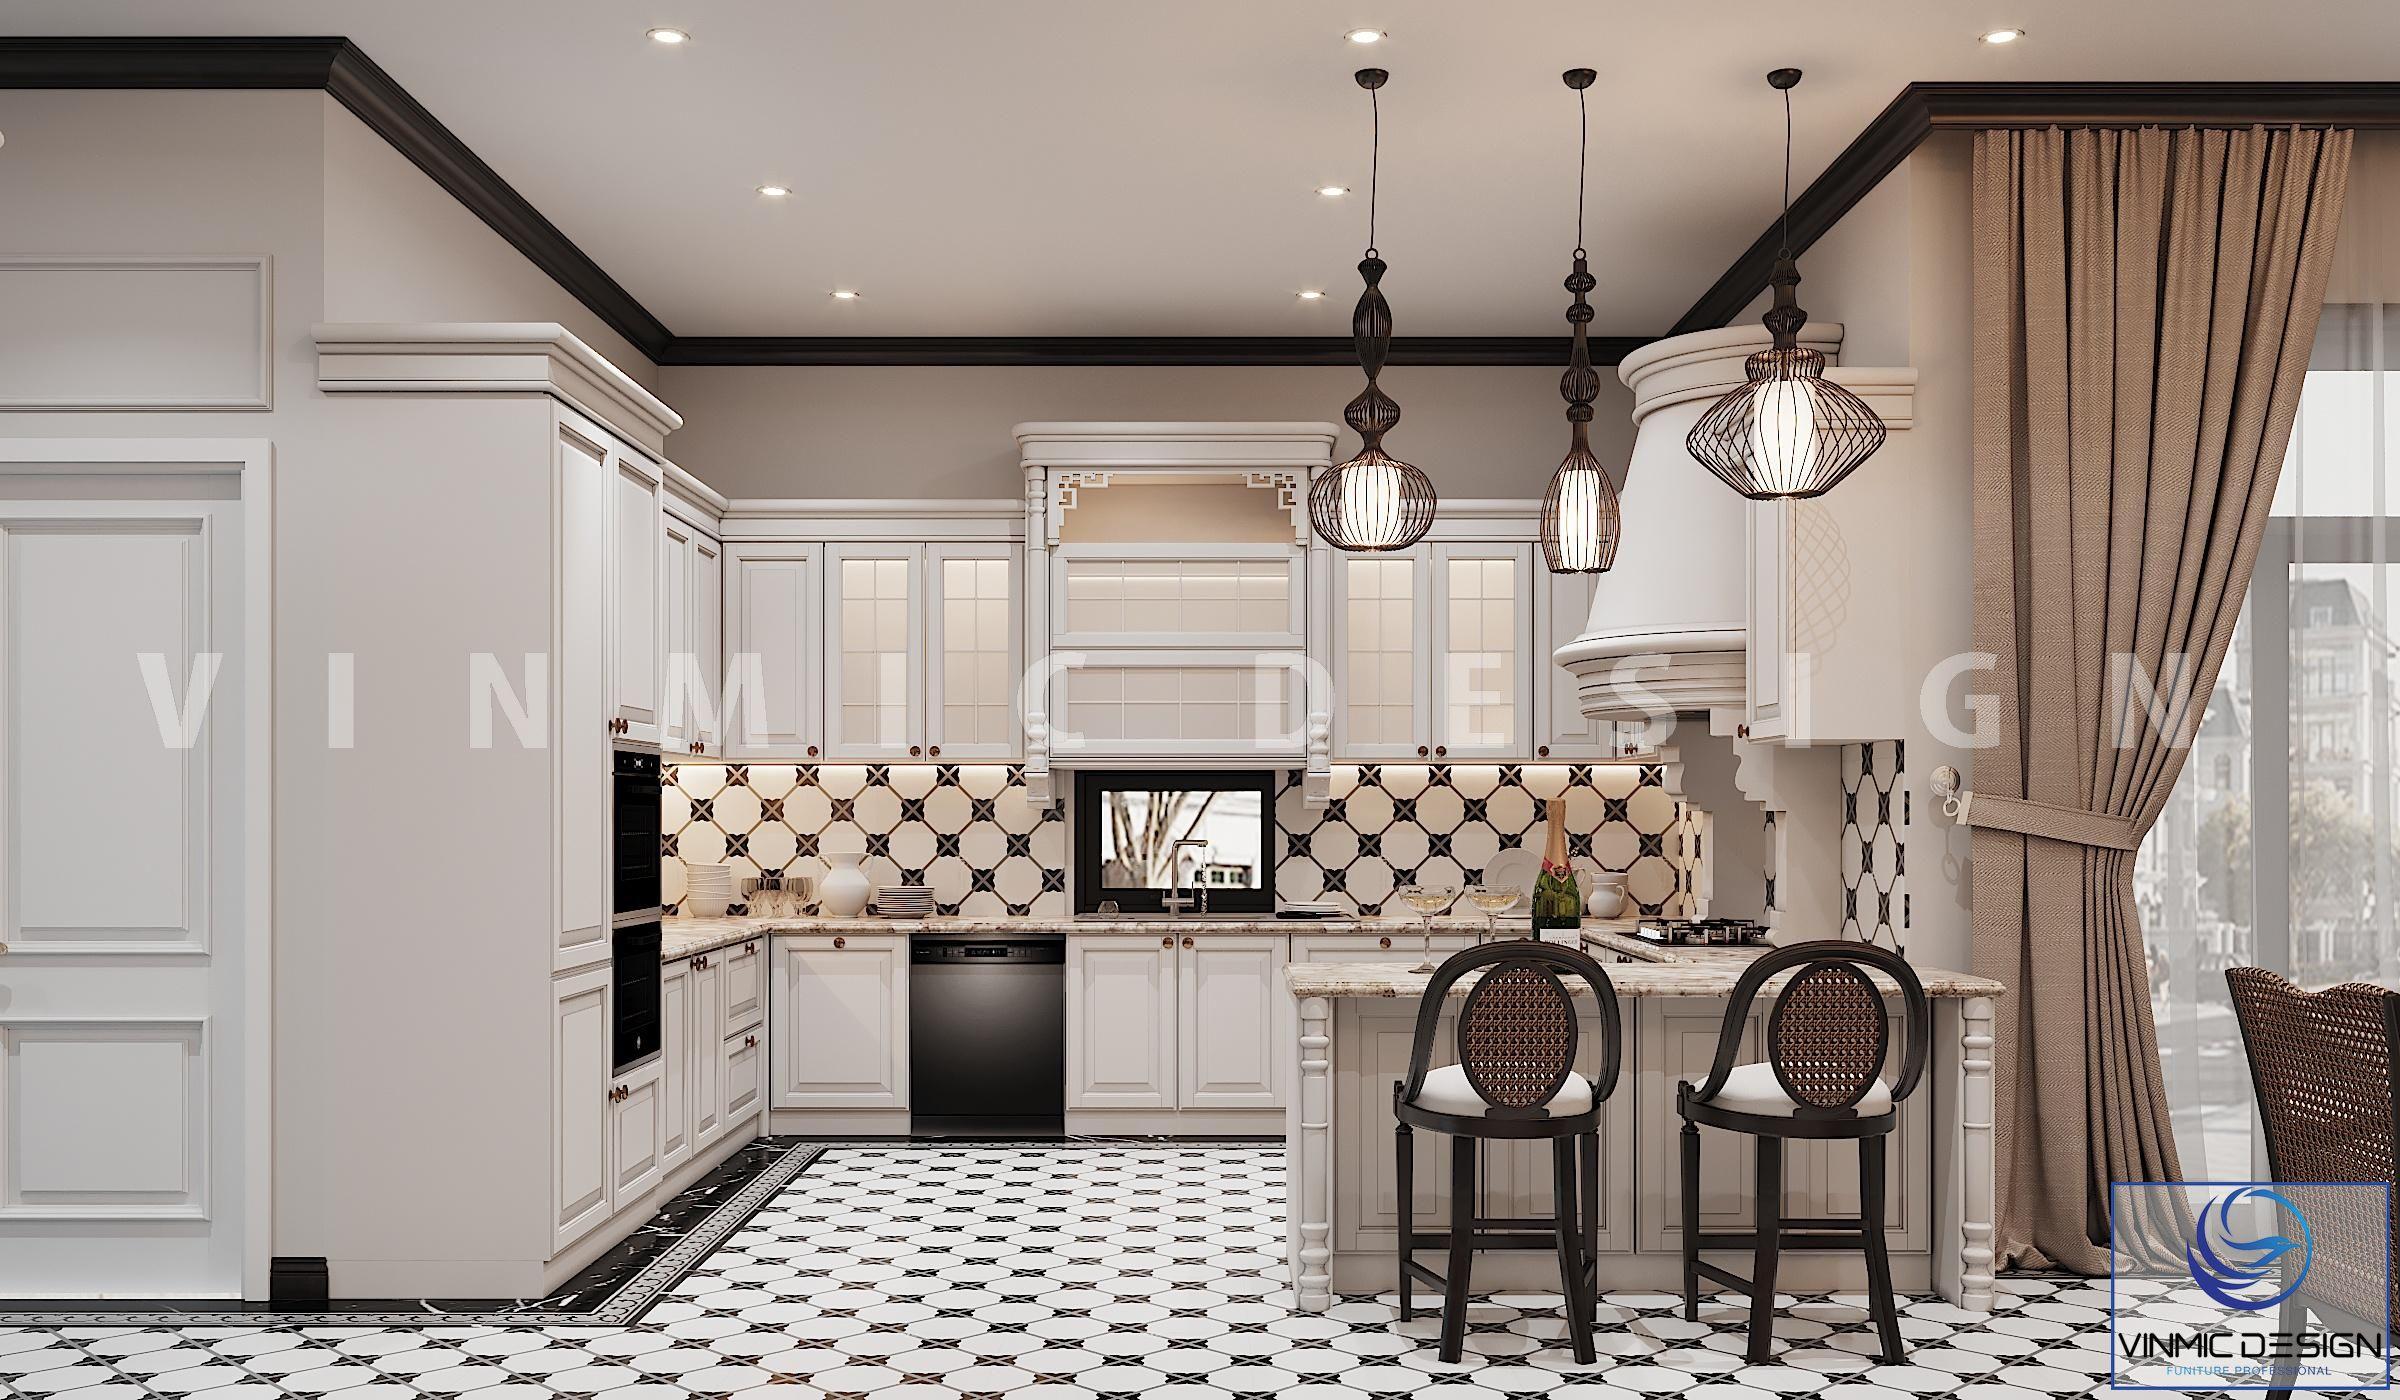 Thiết kế tủ bếp đẹp mang đậm chất Indochine (Á Đông) tại biệt thự Vinhomes Imperia Hải Phòng